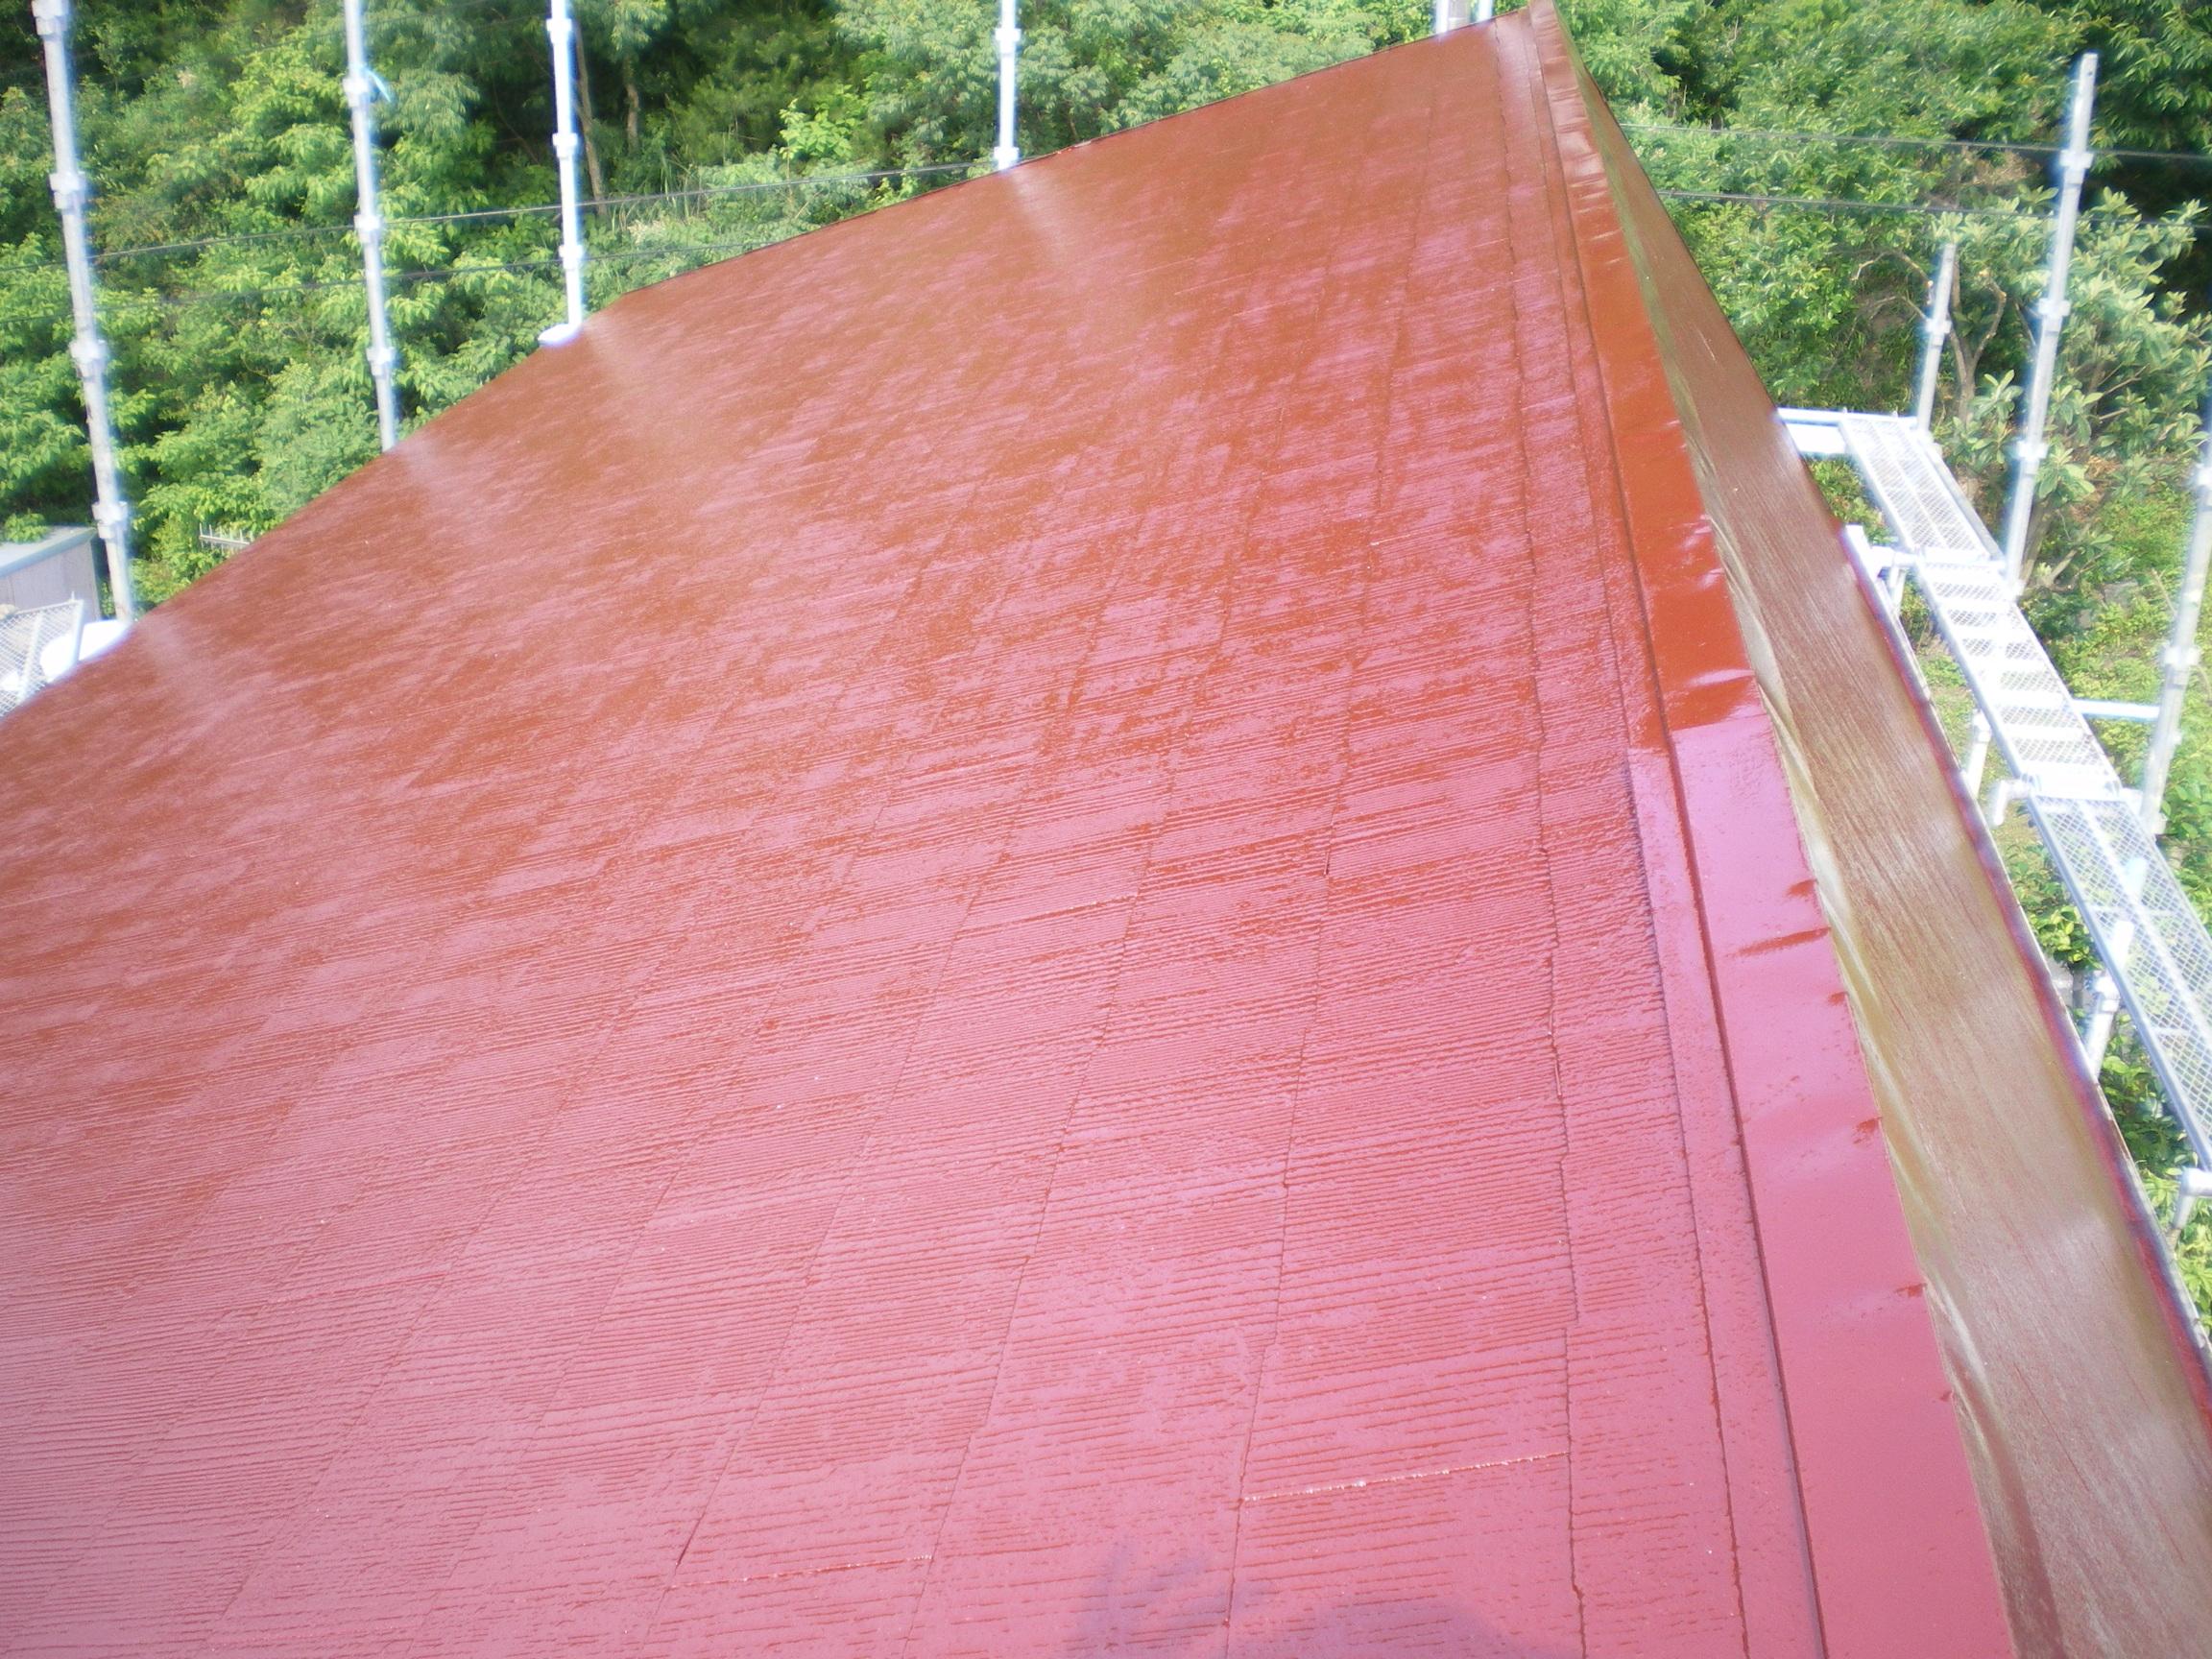 遮熱塗料を塗装しました。表面温度の変化に期待ができます。今後が楽しみですね!